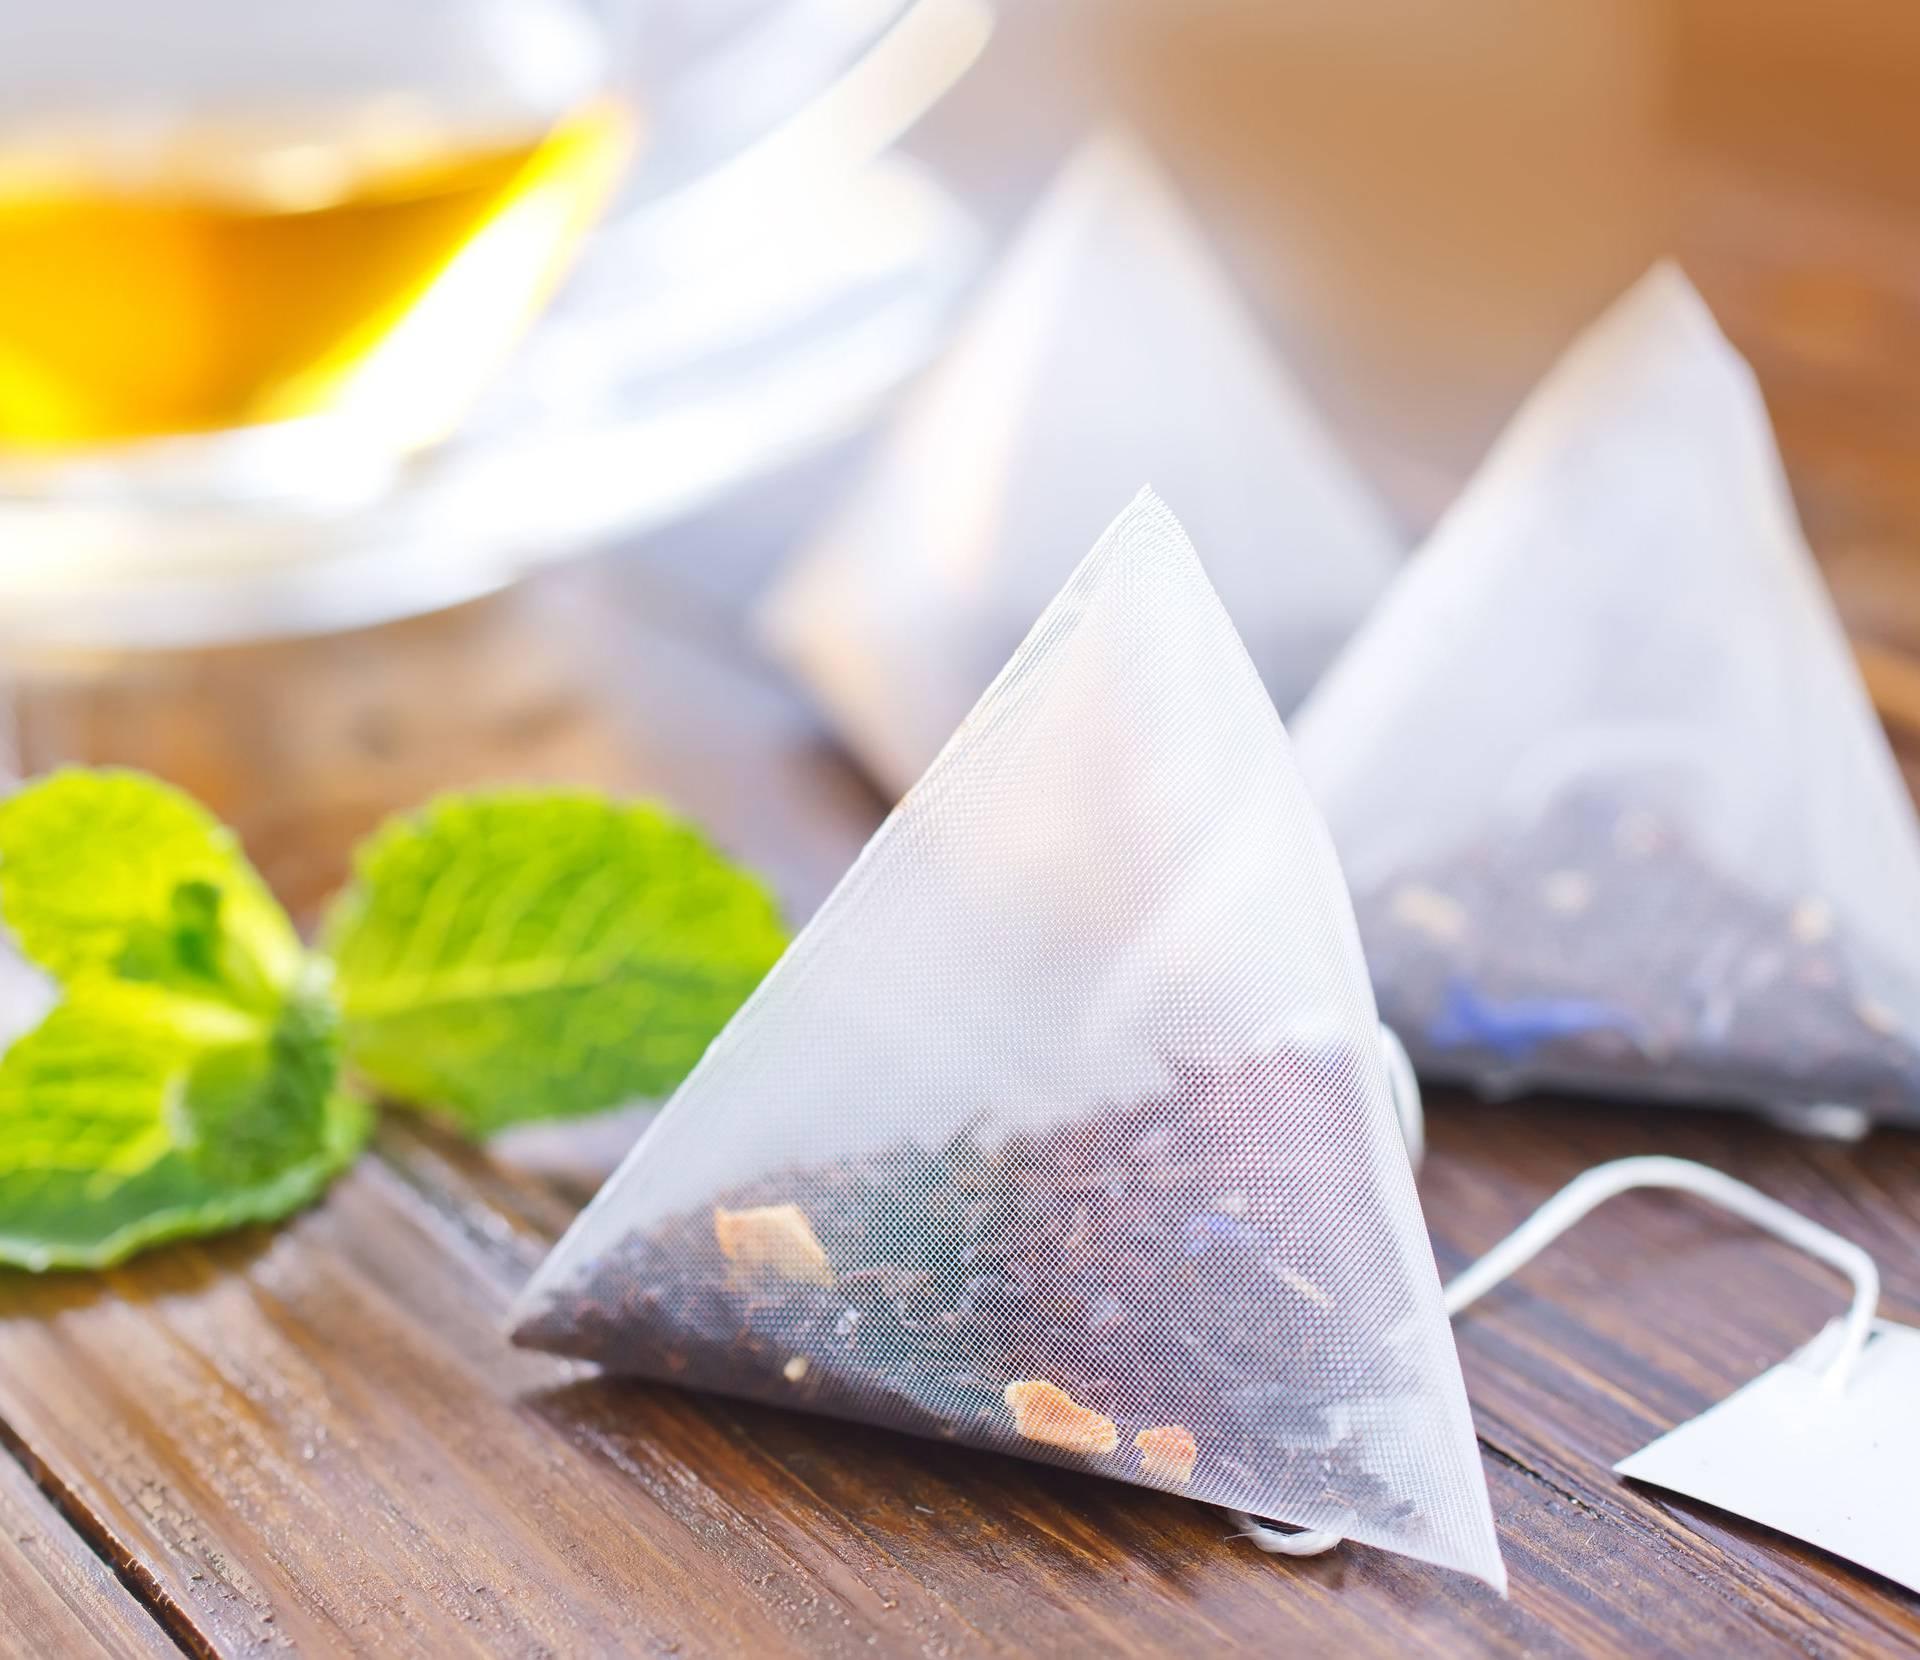 Oprez! Plastične vrećice za čaj su 'rasadnici' mikroplastike